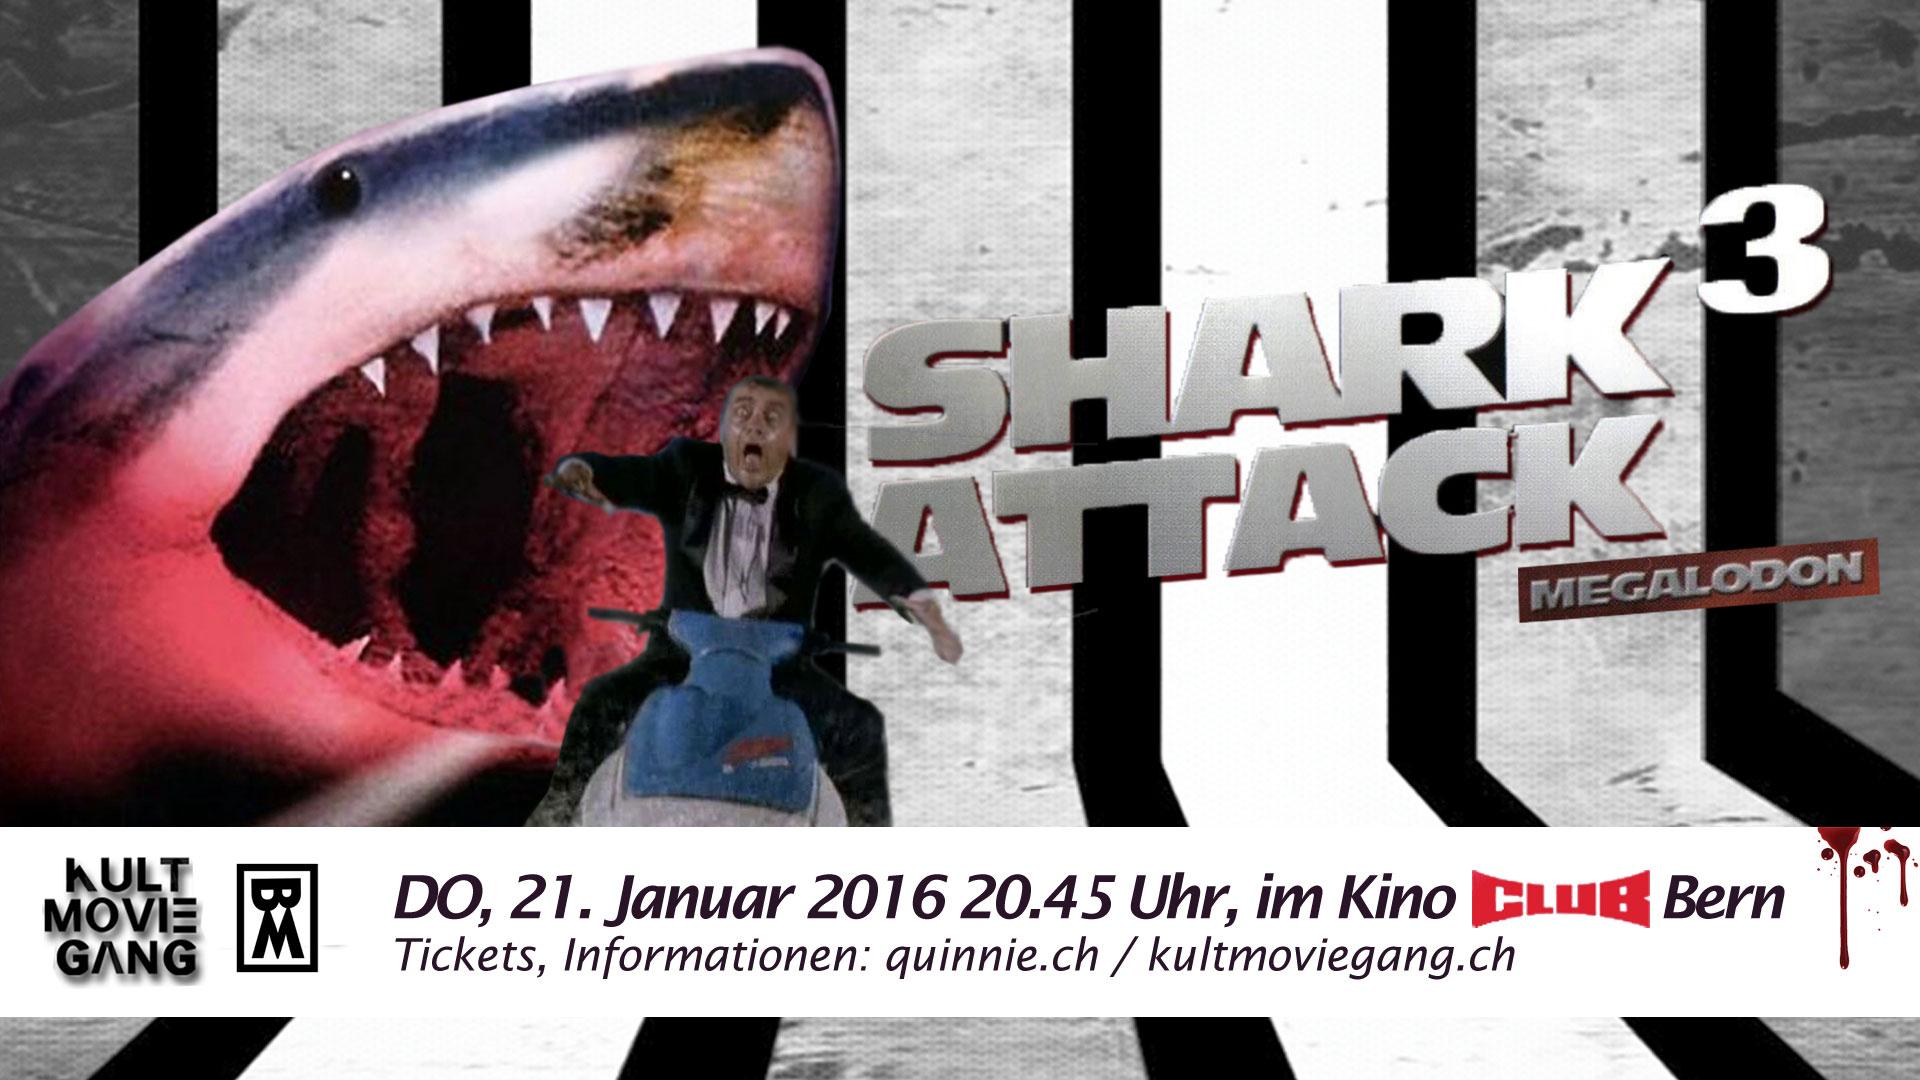 sharkattack_banner_def